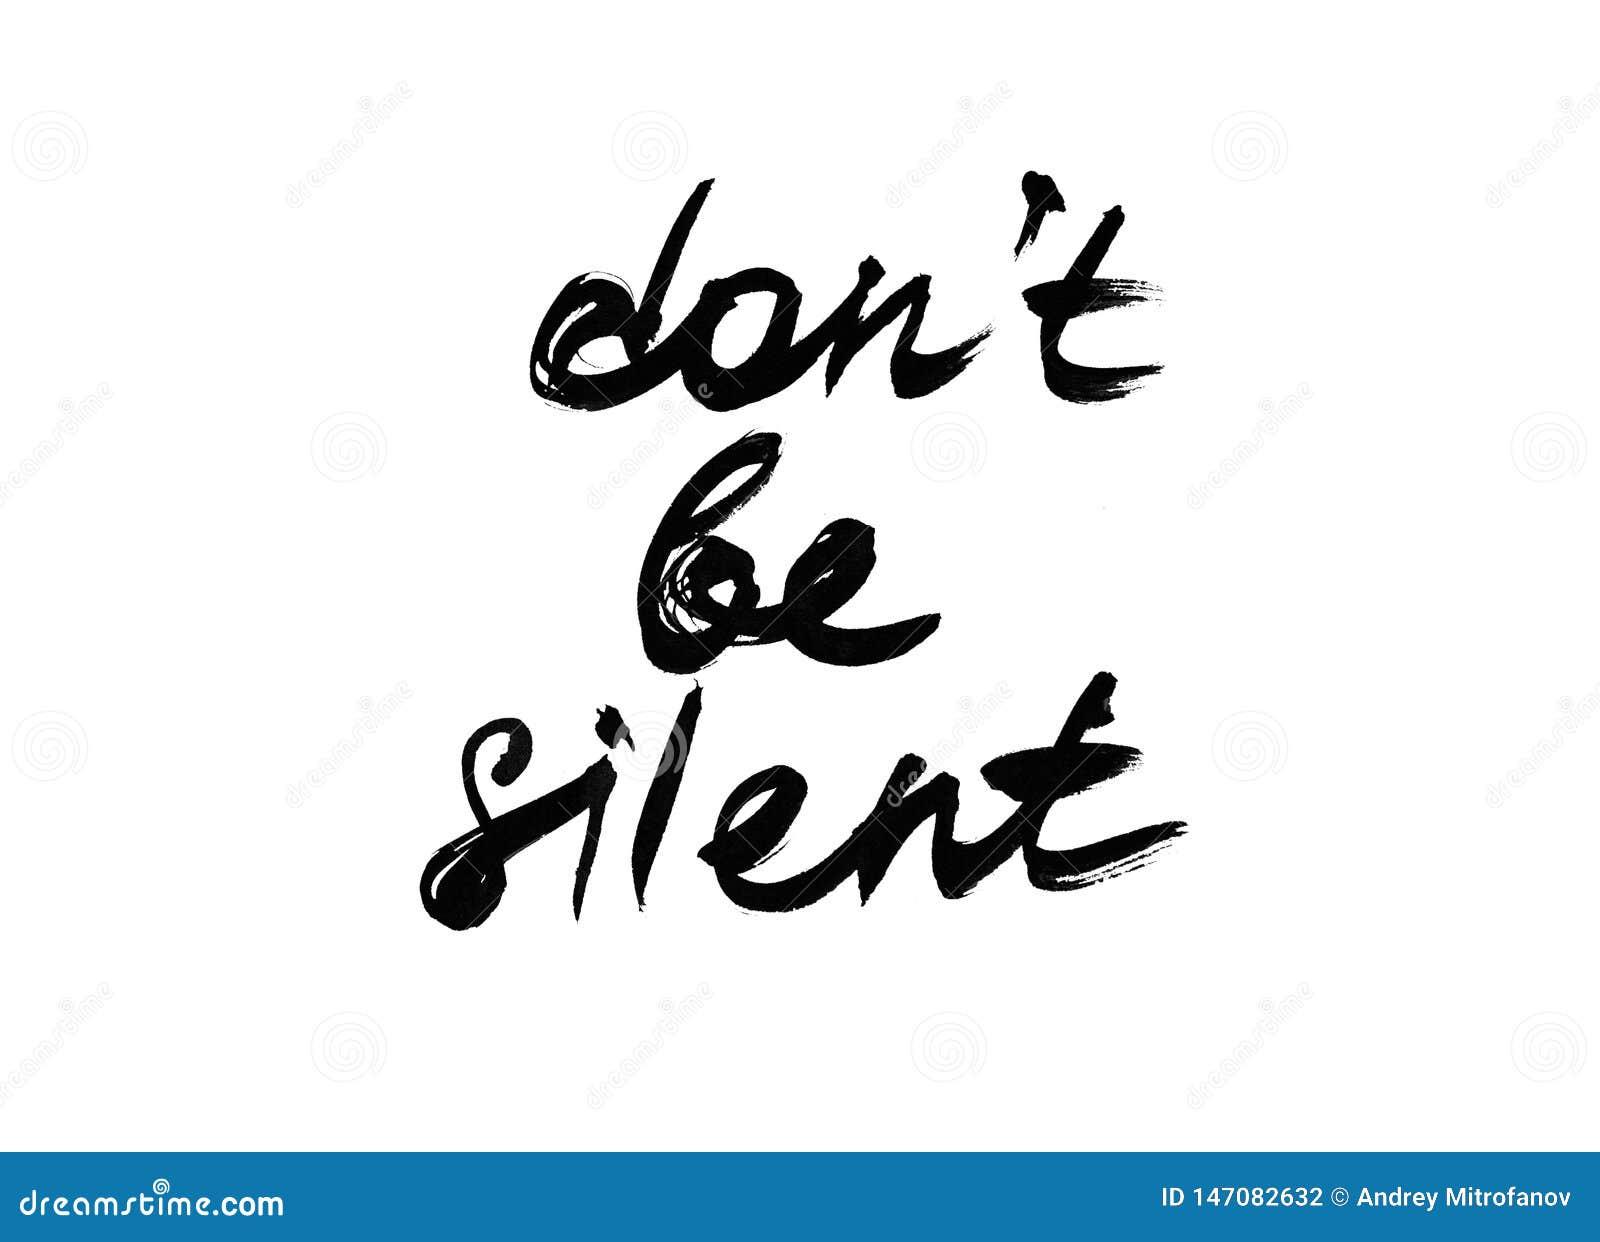 Το απόσπασμα δεν είναι σιωπηλό